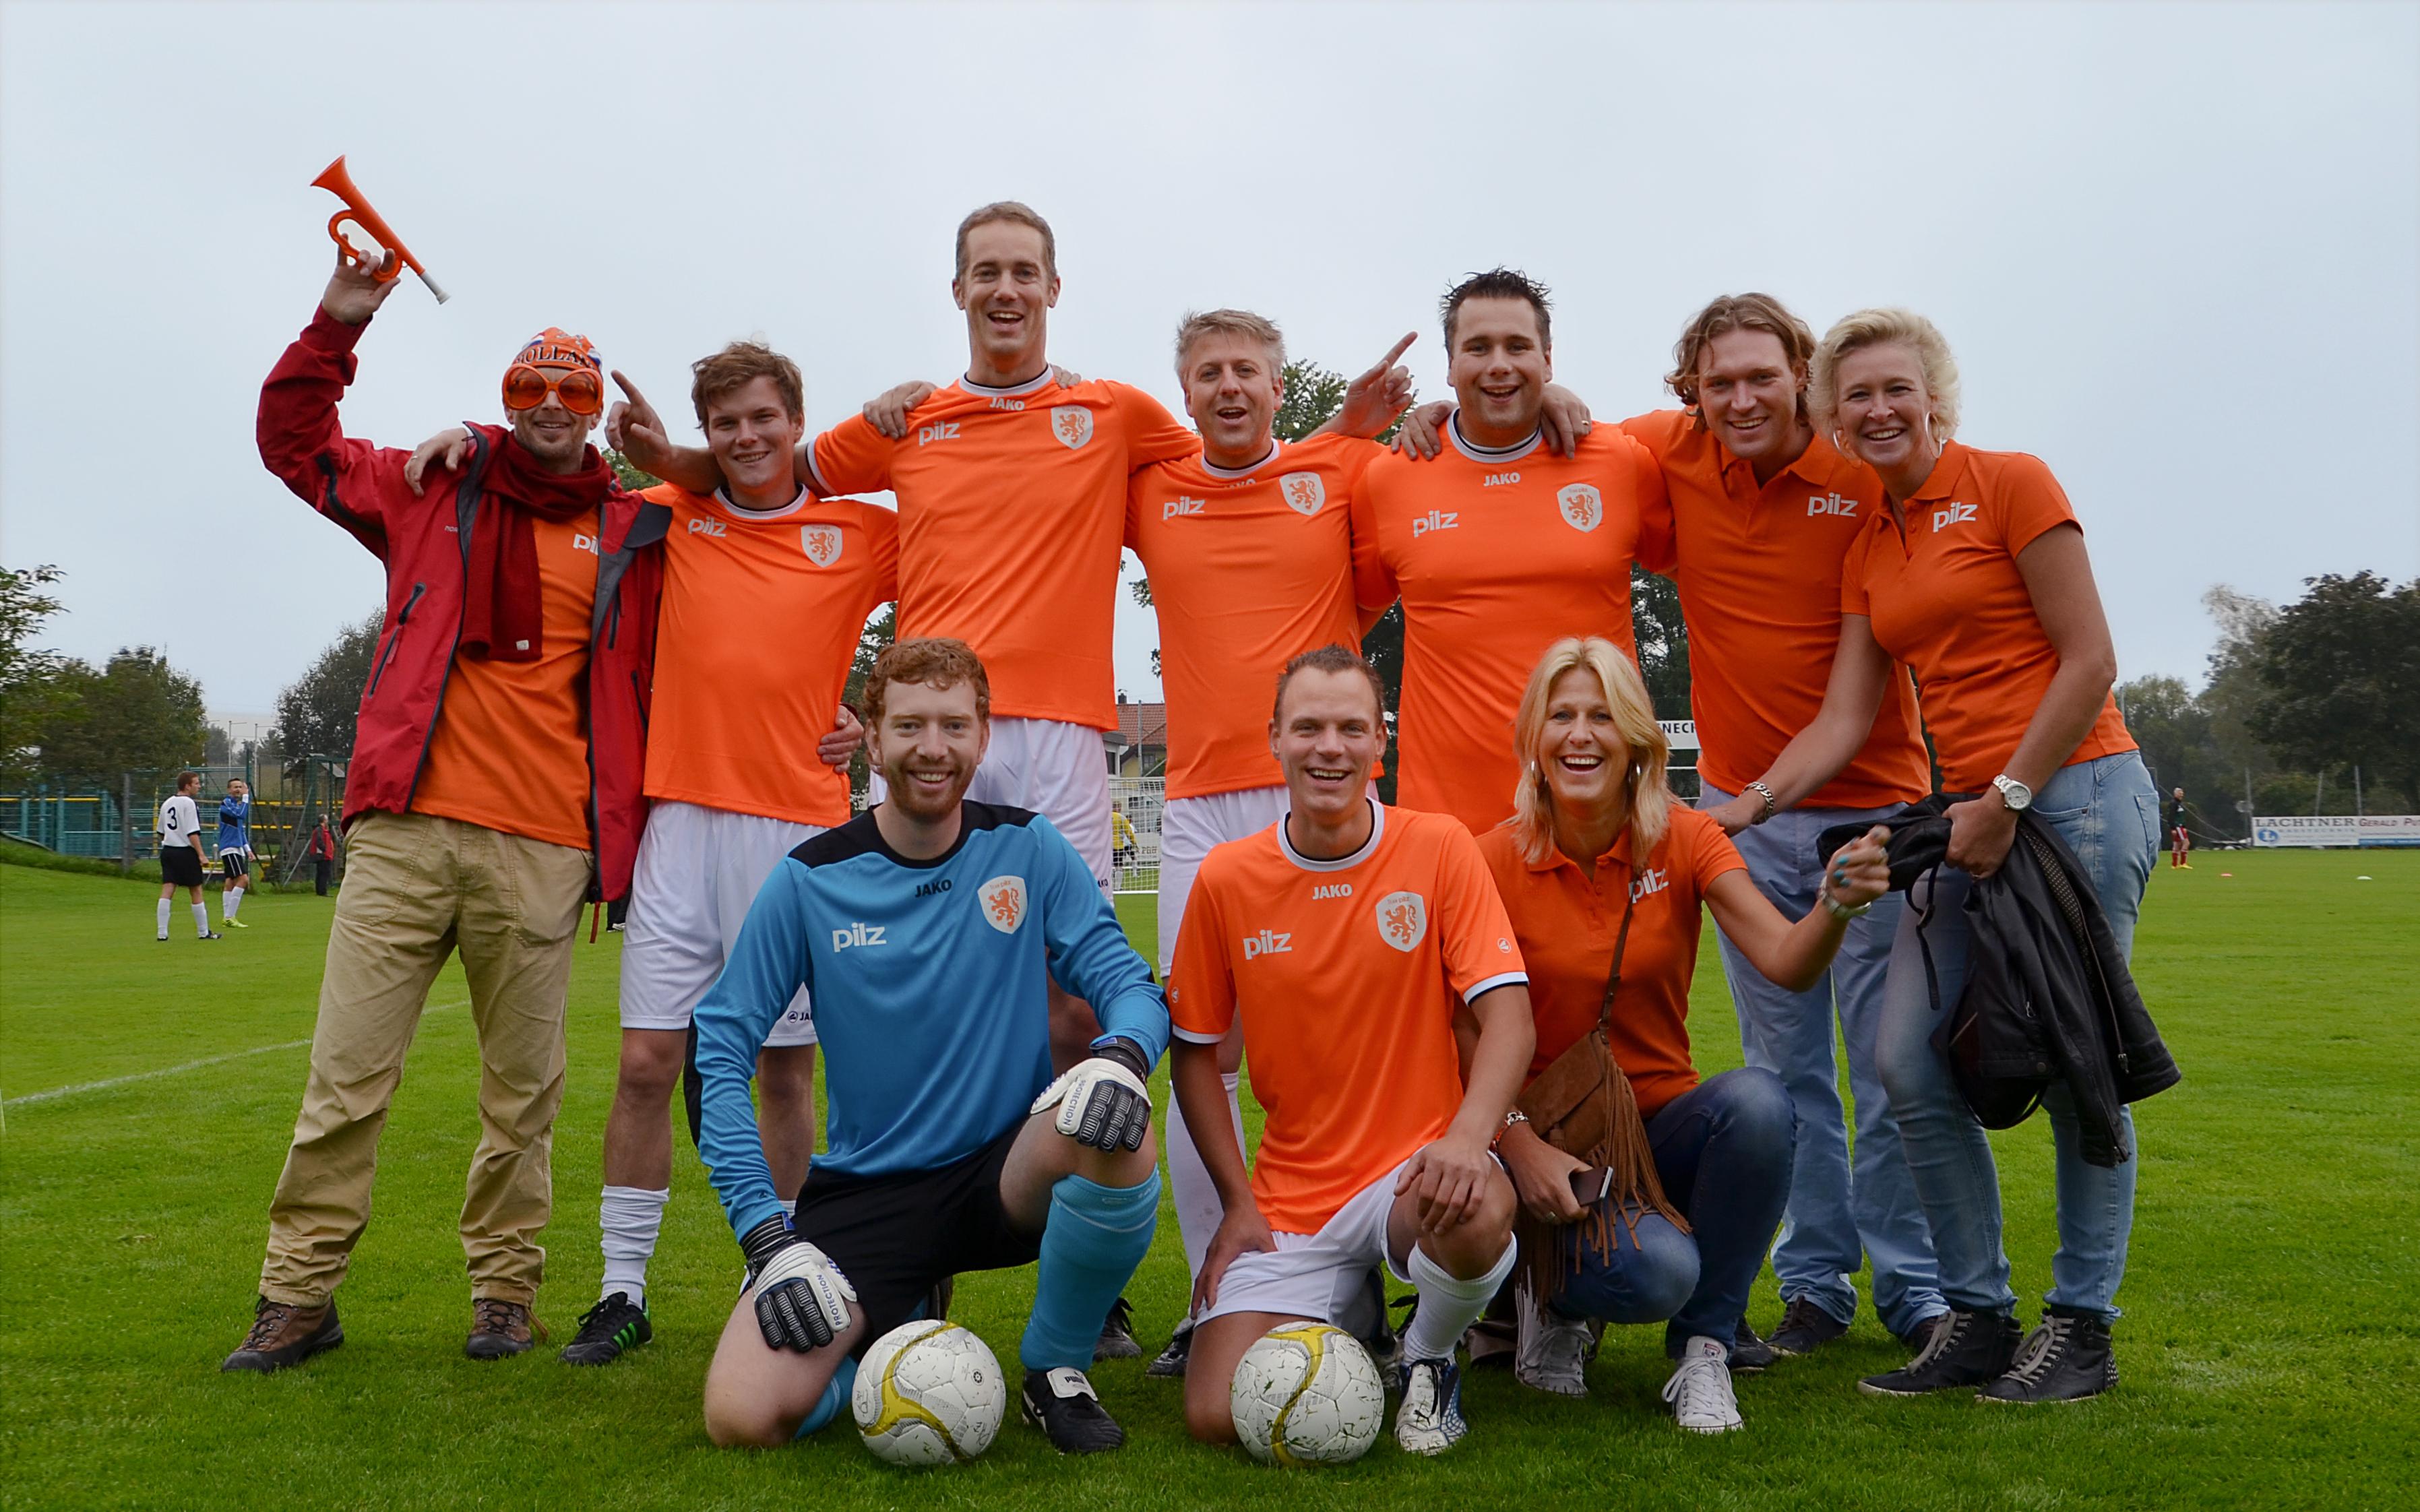 Over Pilz - voetbalteam • Werken bij Pilz